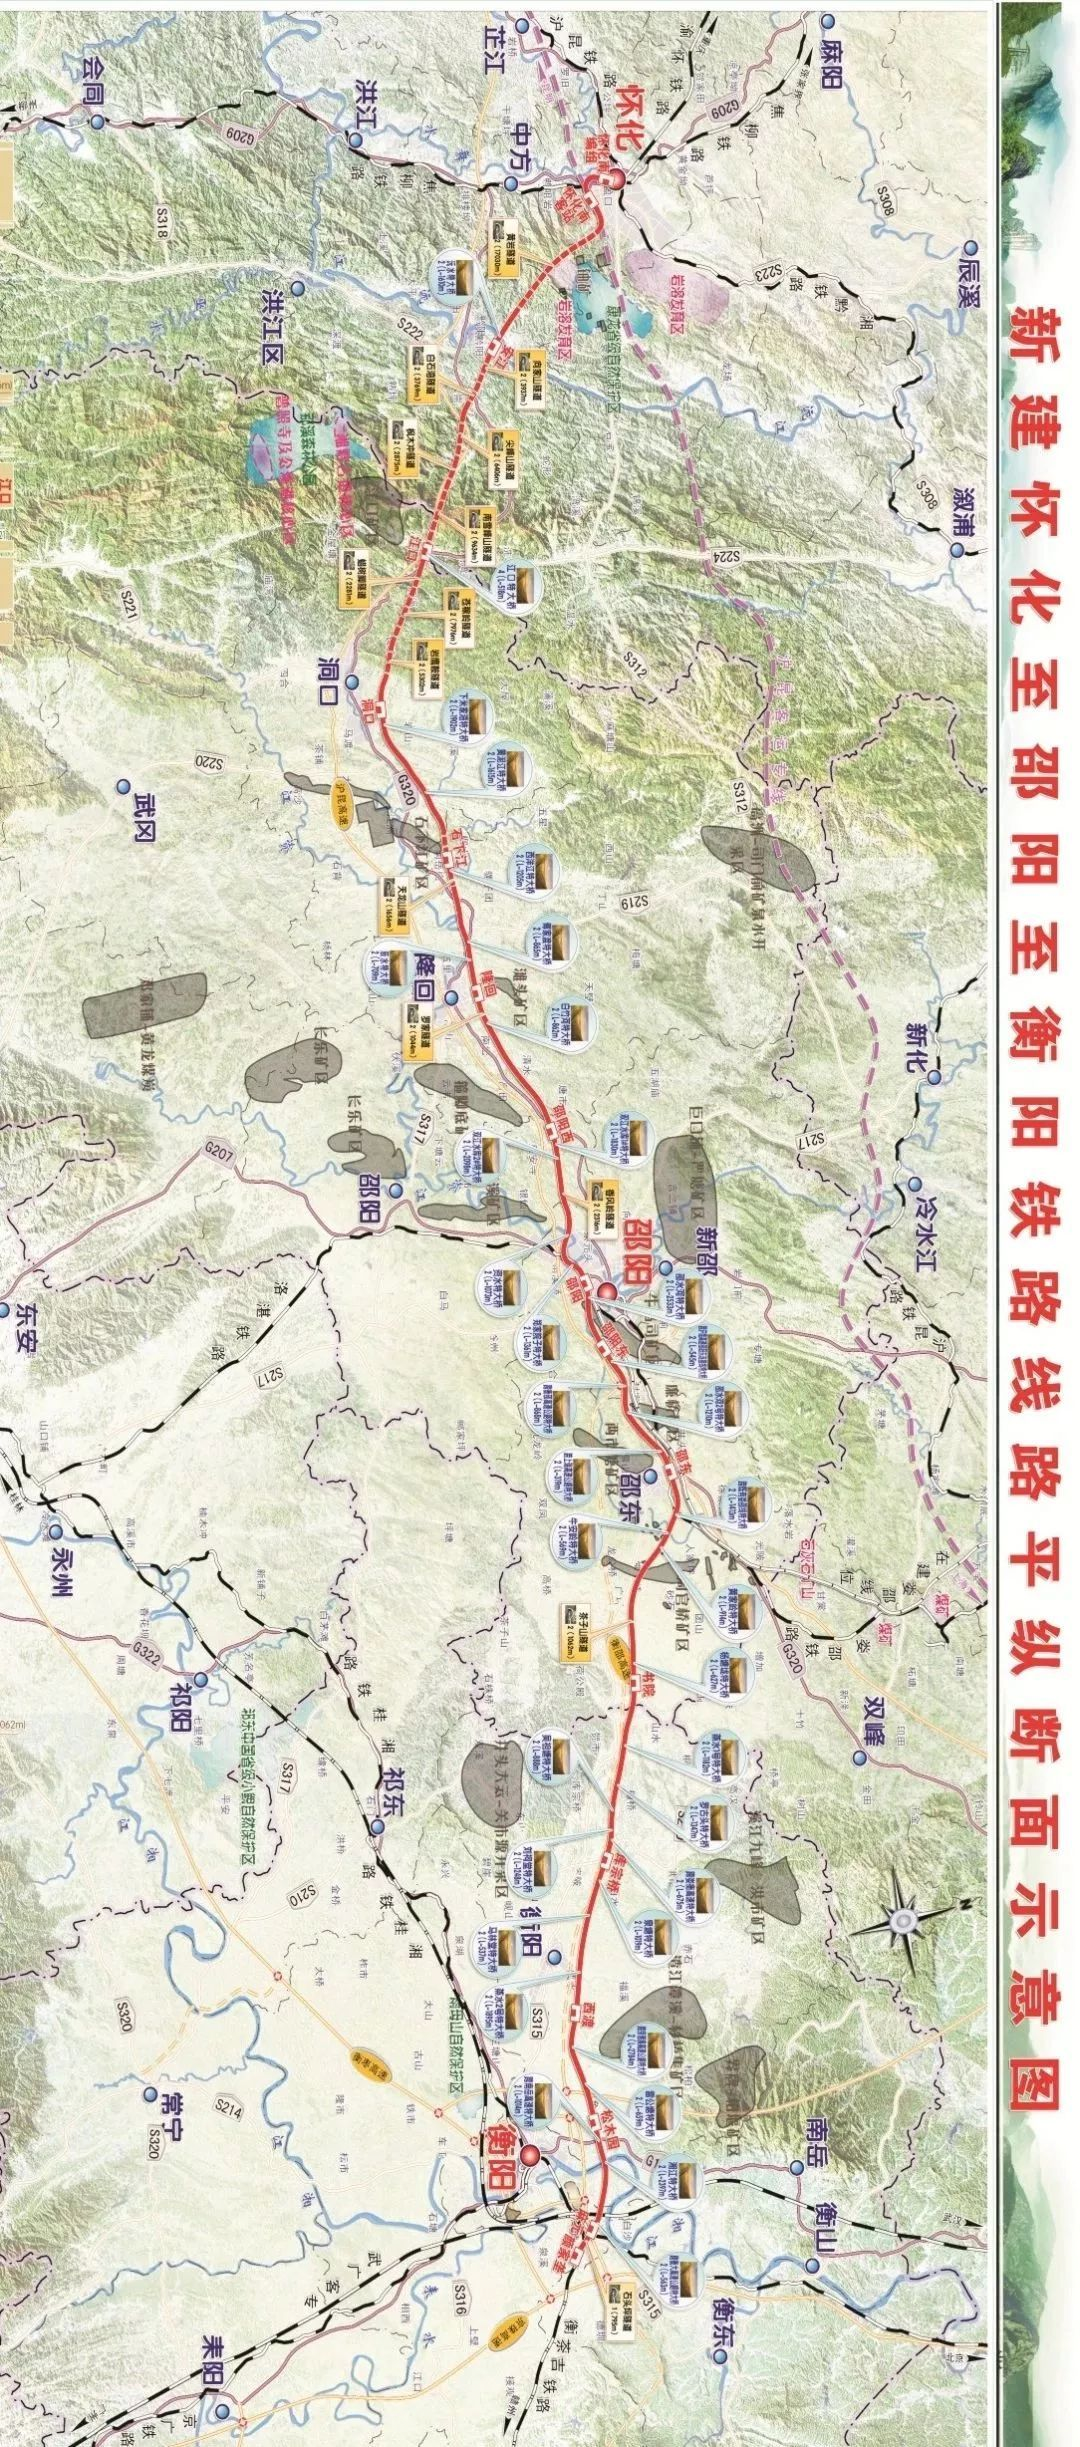 怀化有多少人口_湖南省怀化市芷江县下神州有多少人口地图